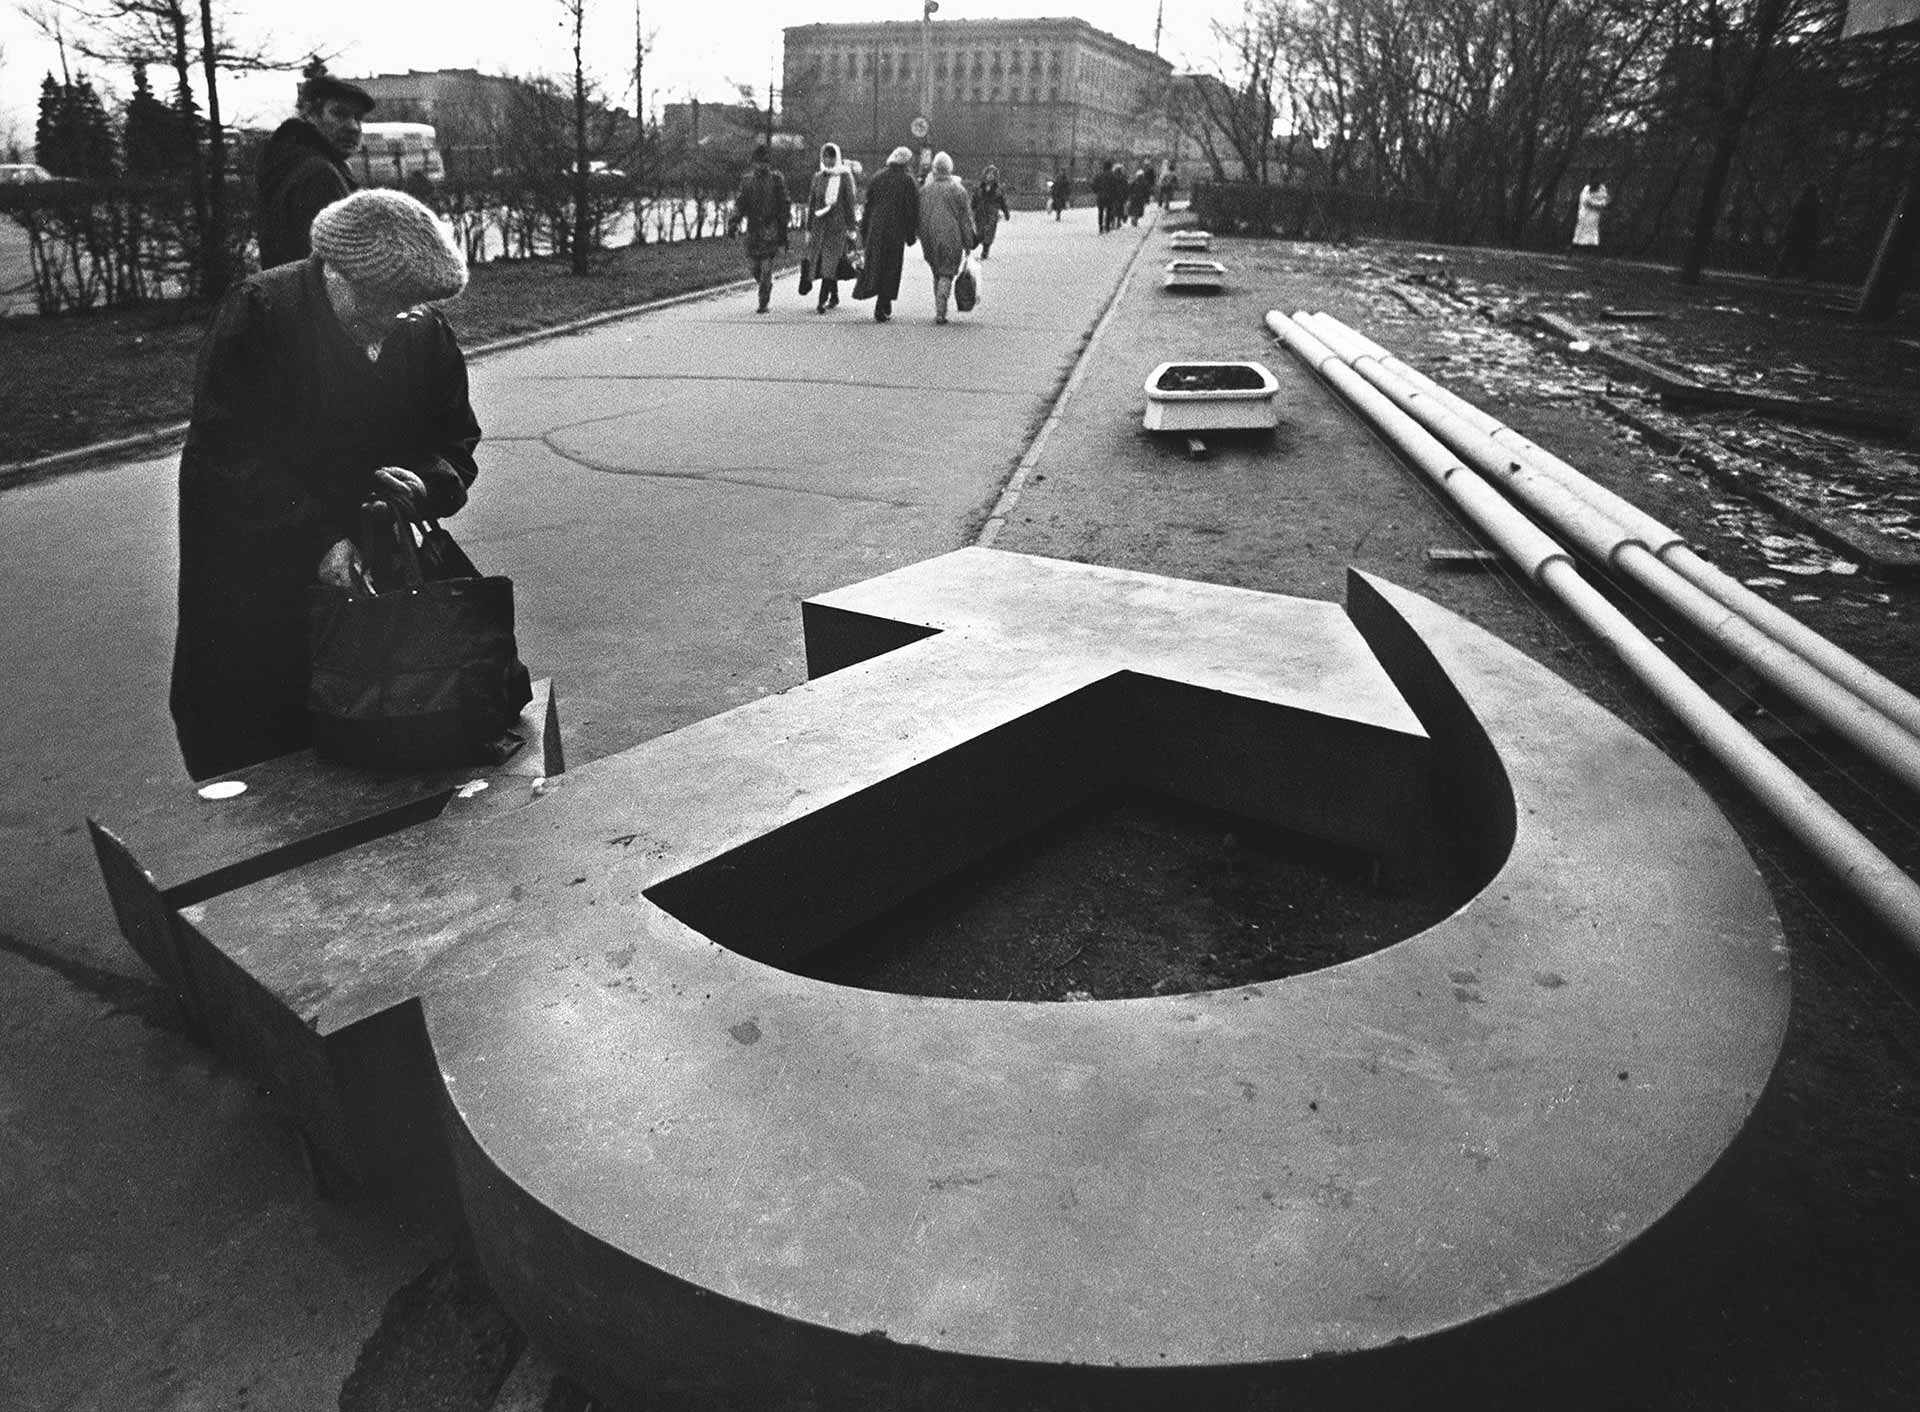 莫斯科大学数学力学系|俄罗斯留学|莫斯科大学